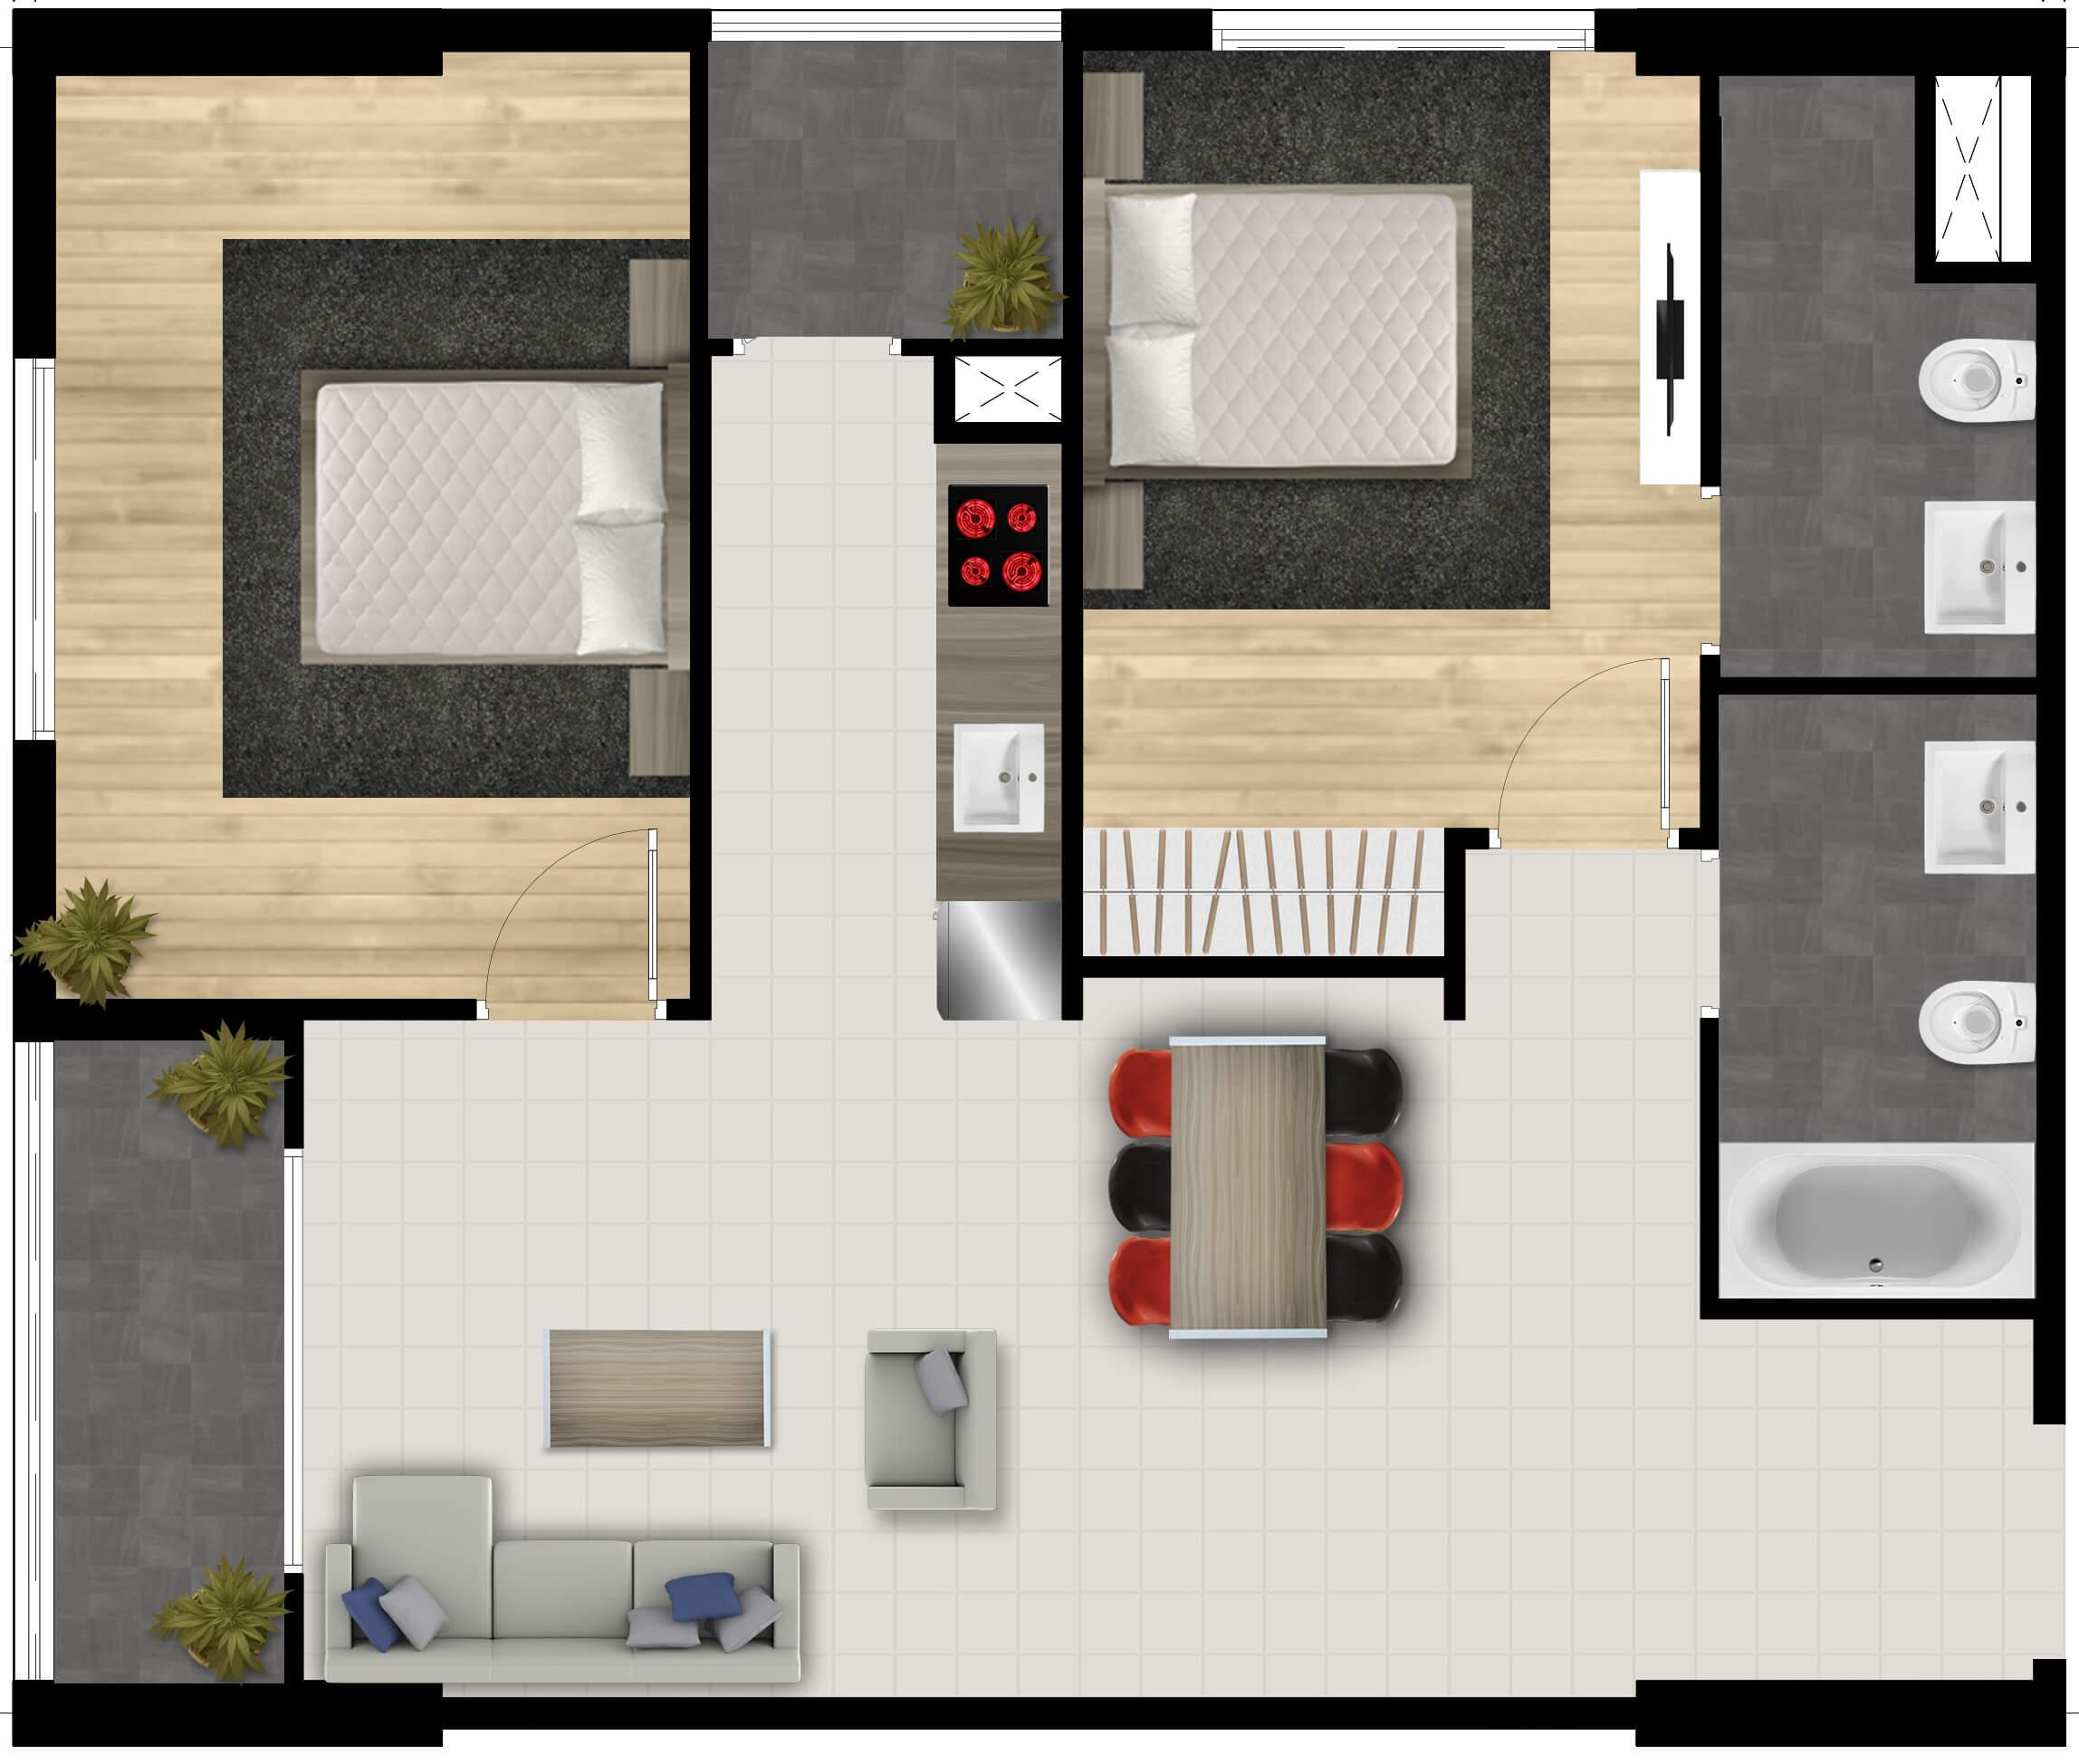 Căn hộ 2 phòng ngủ FPT Plaza lttland